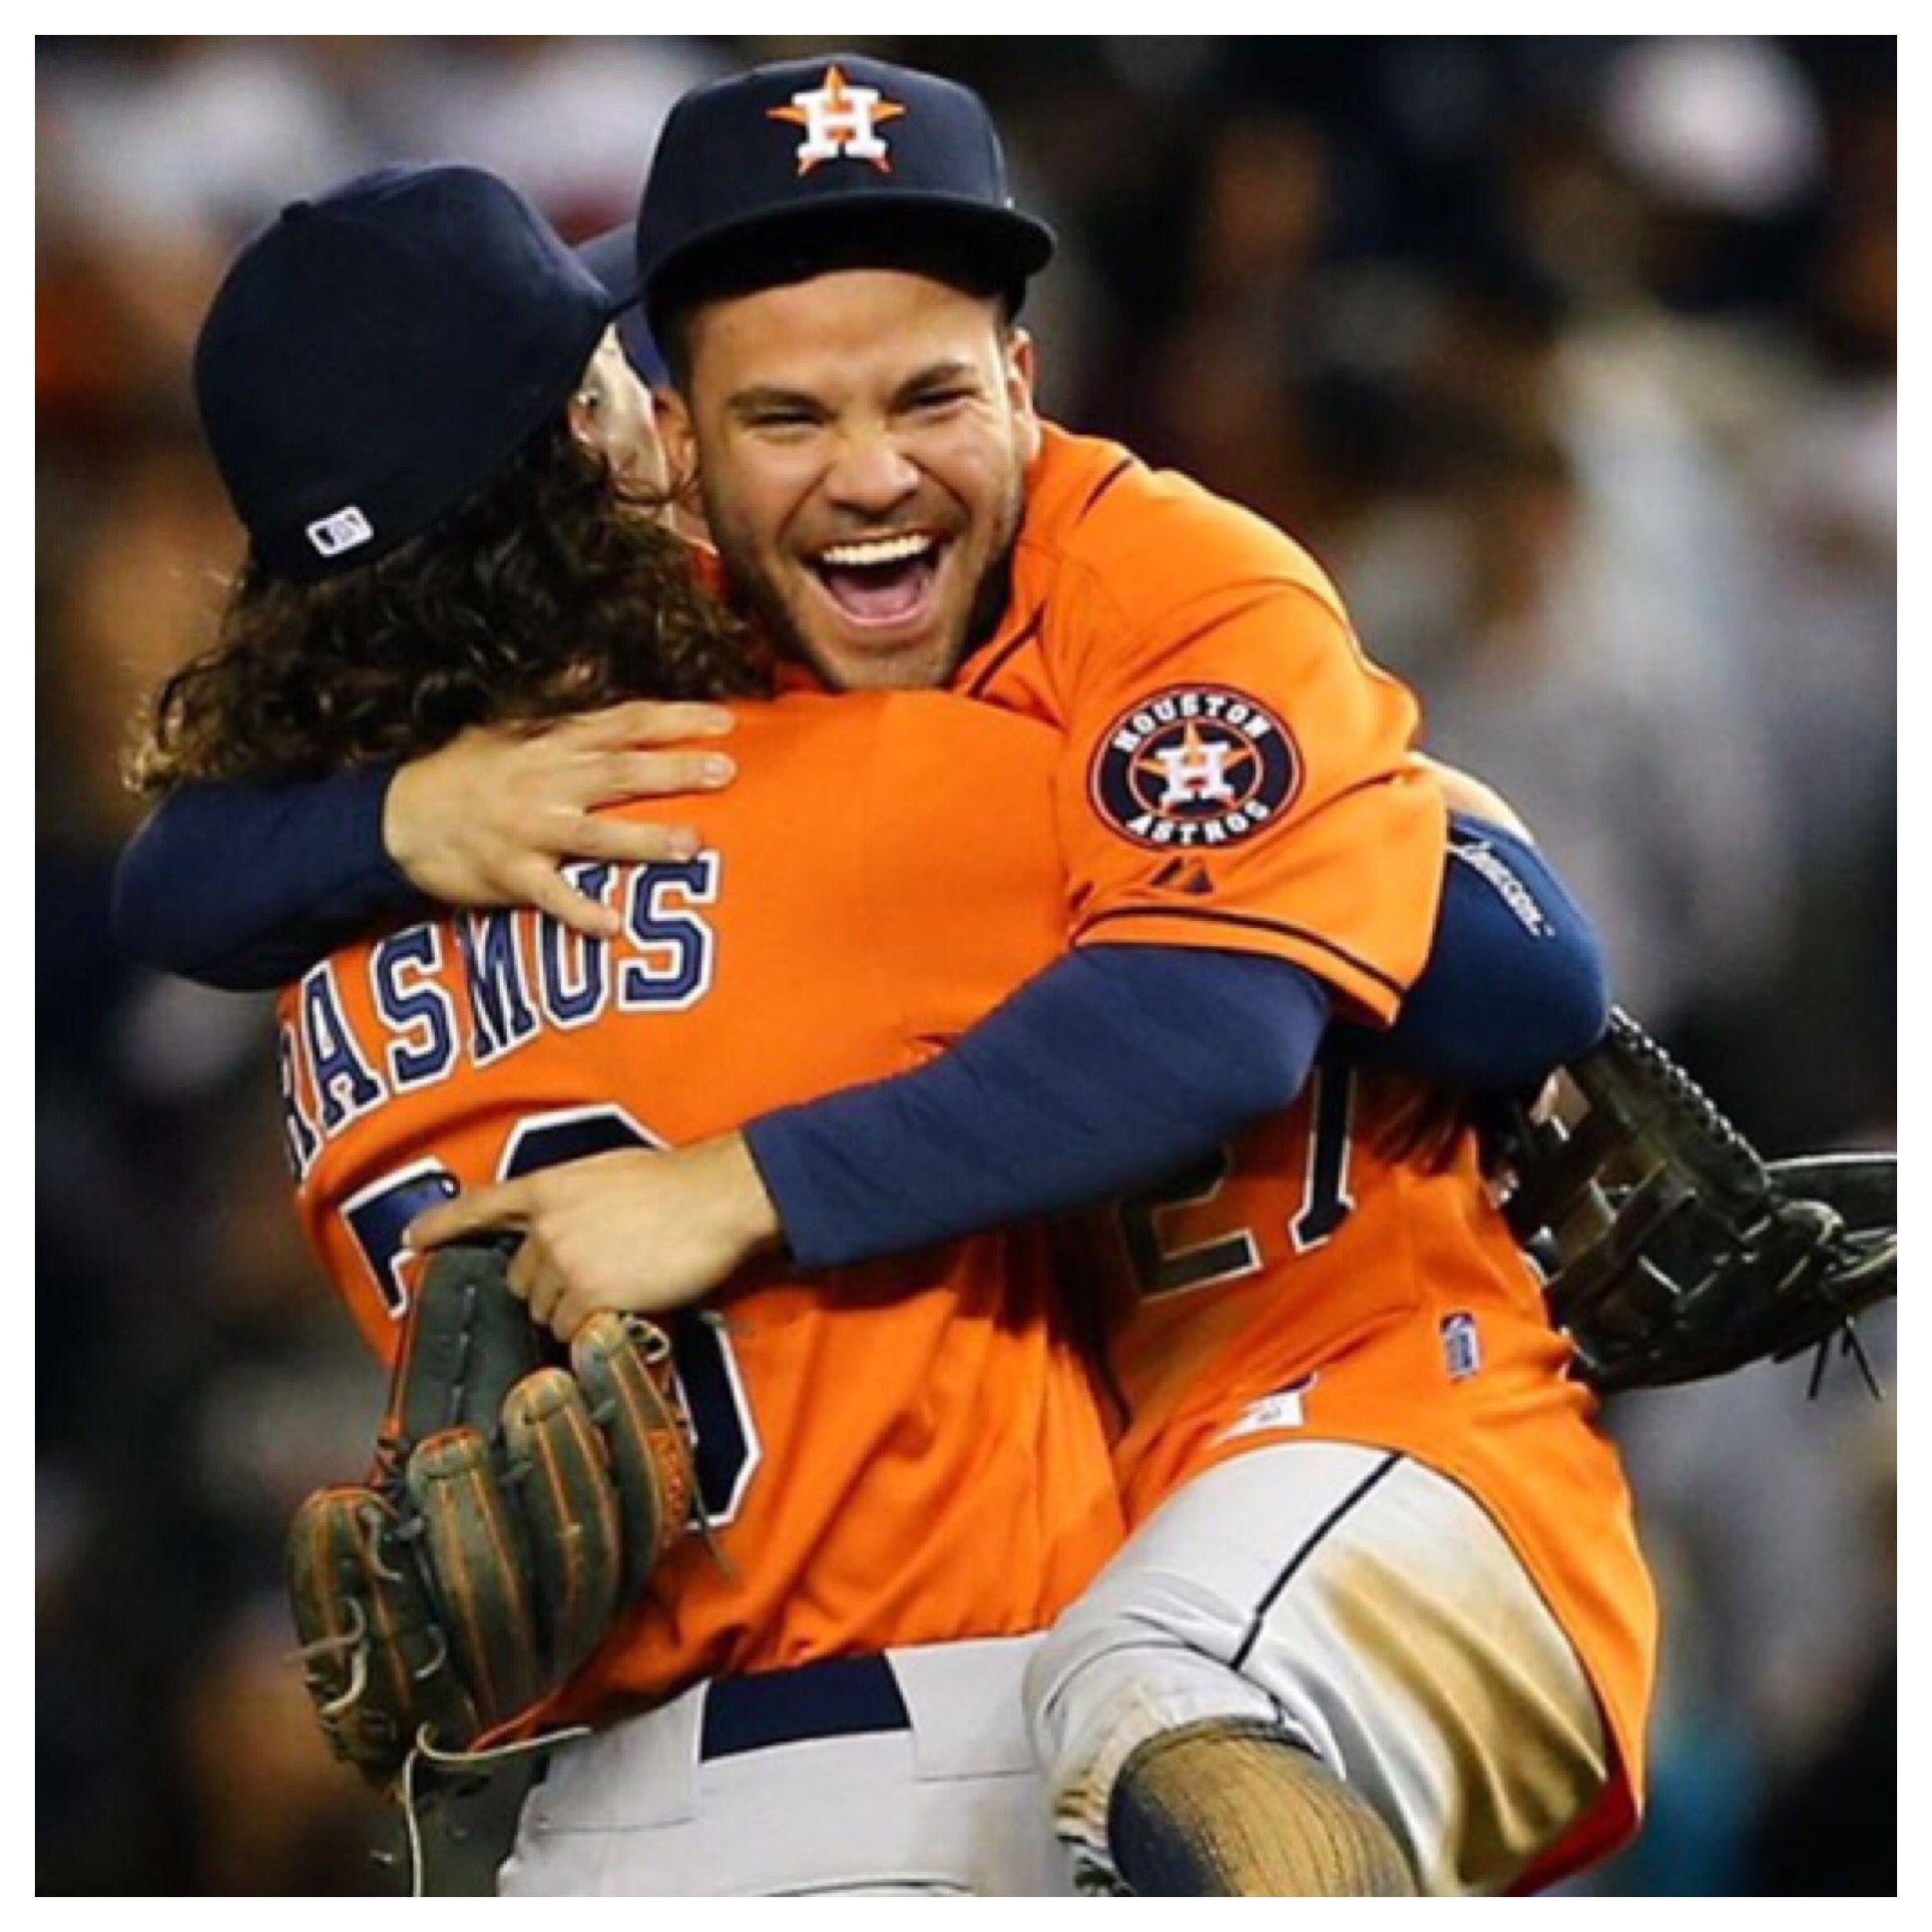 Astros win Wild card game! Jose Altuve Astros baseball